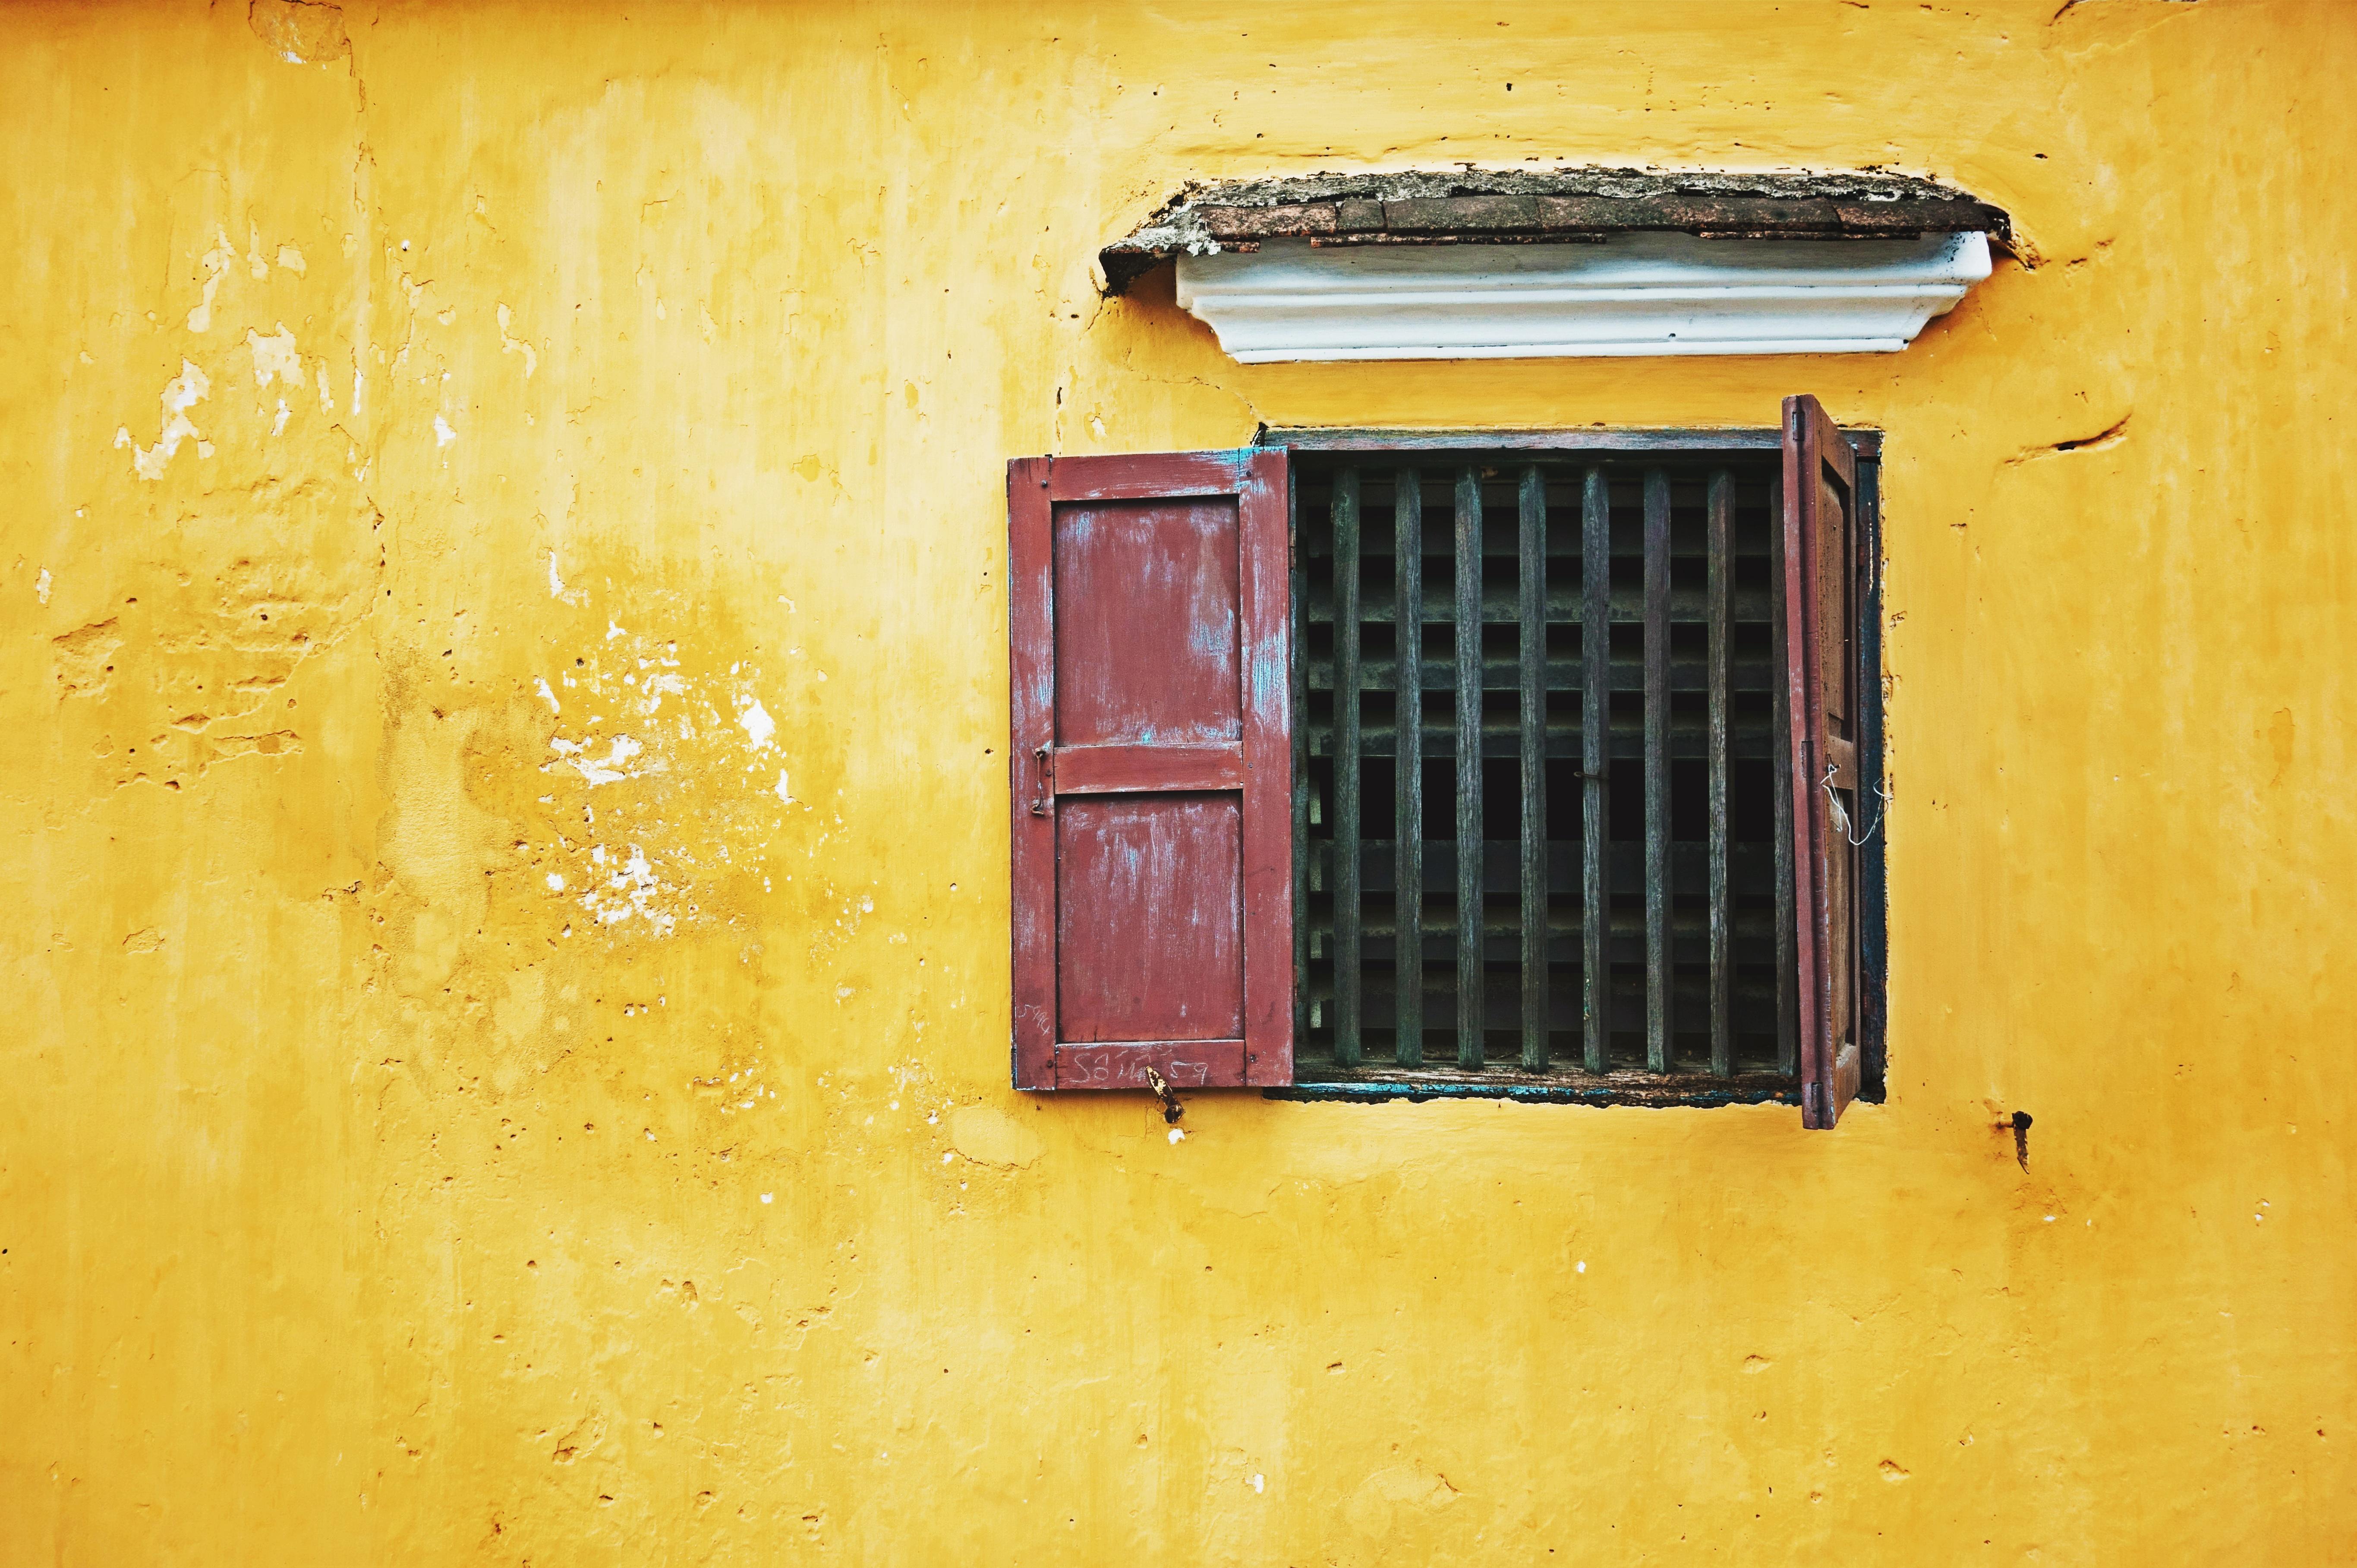 images gratuites lumi re bois maison texture sol fen tre mur couleur bleu jaune. Black Bedroom Furniture Sets. Home Design Ideas